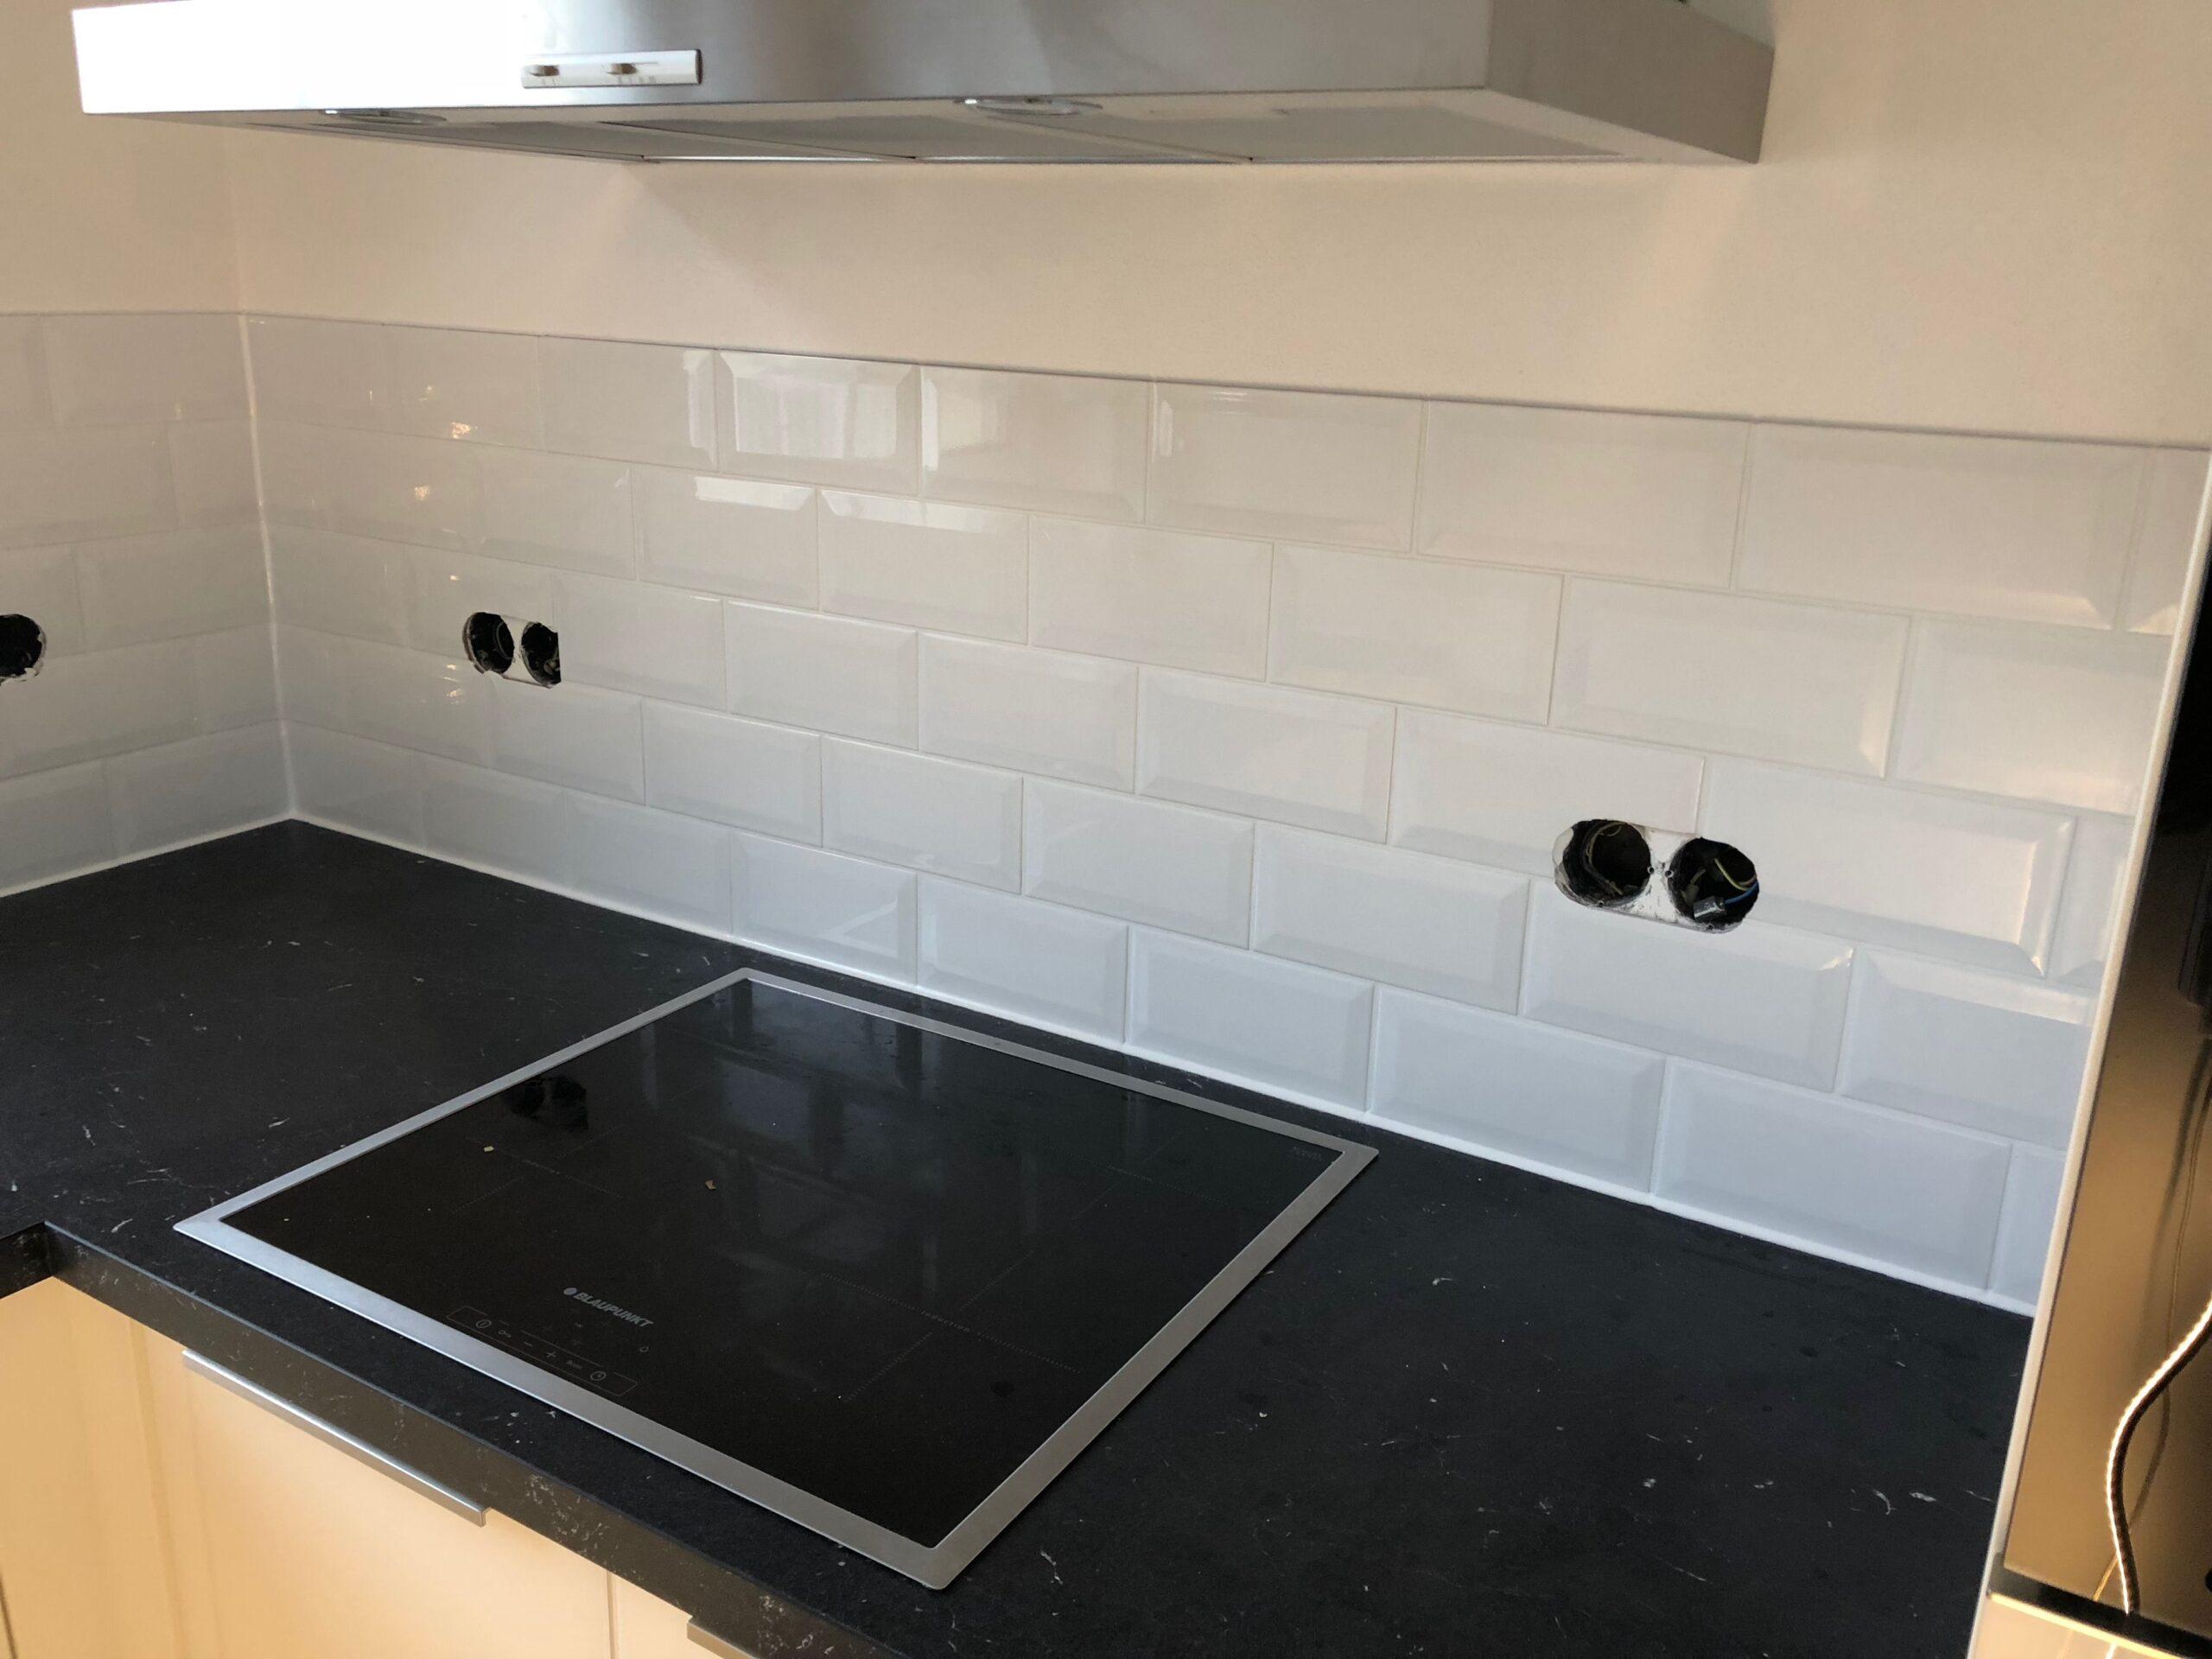 Full Size of Metro Fliesenspiegel In Der Kche Fliesen Küchen Regal Küche Glas Selber Machen Wohnzimmer Küchen Fliesenspiegel